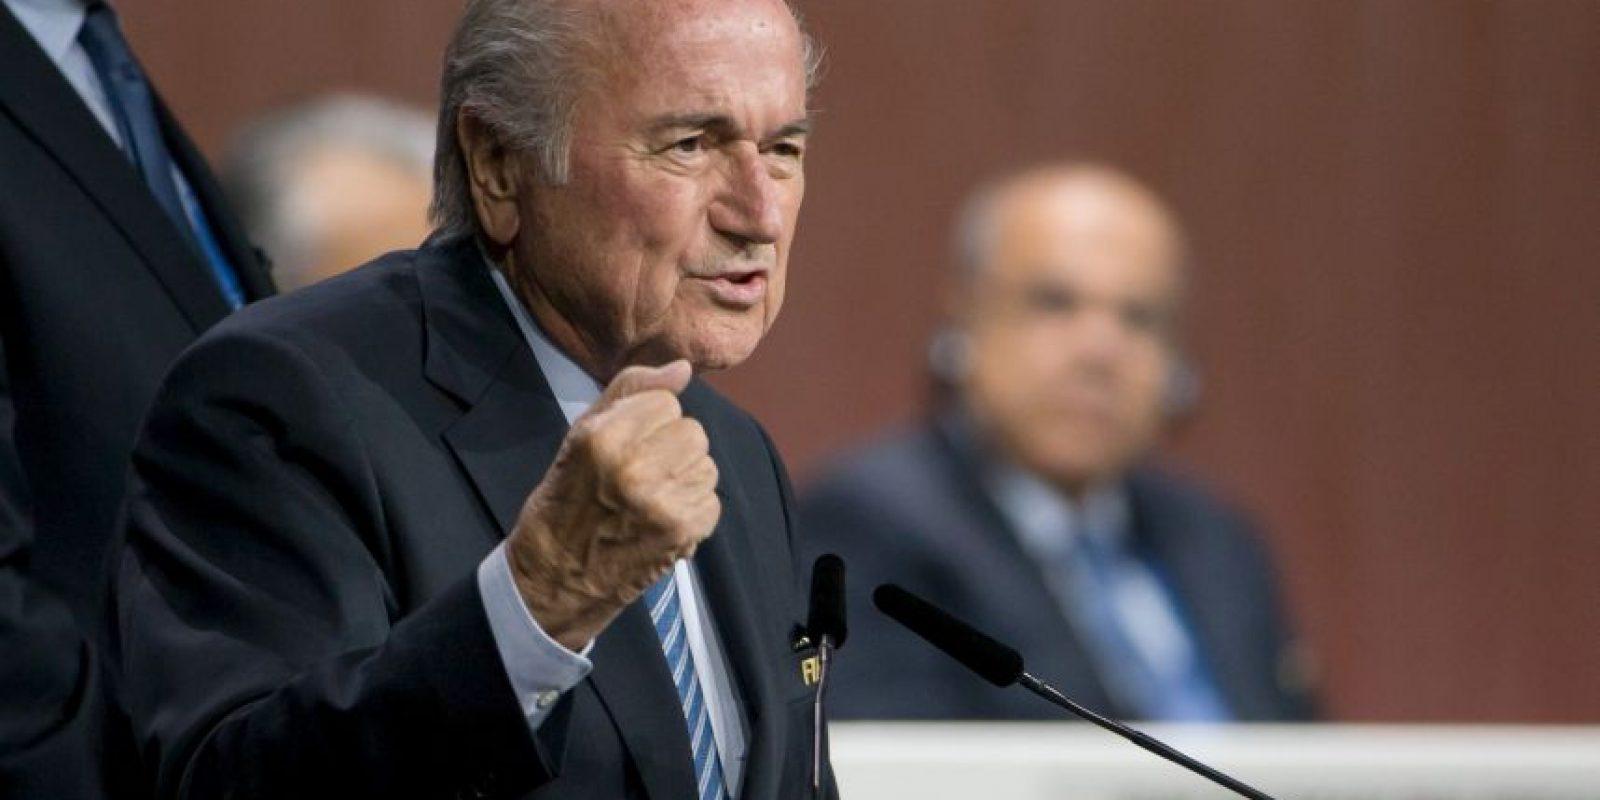 El dirigente suizo estará al frente del organismo hasta 2019. Foto:Getty Images